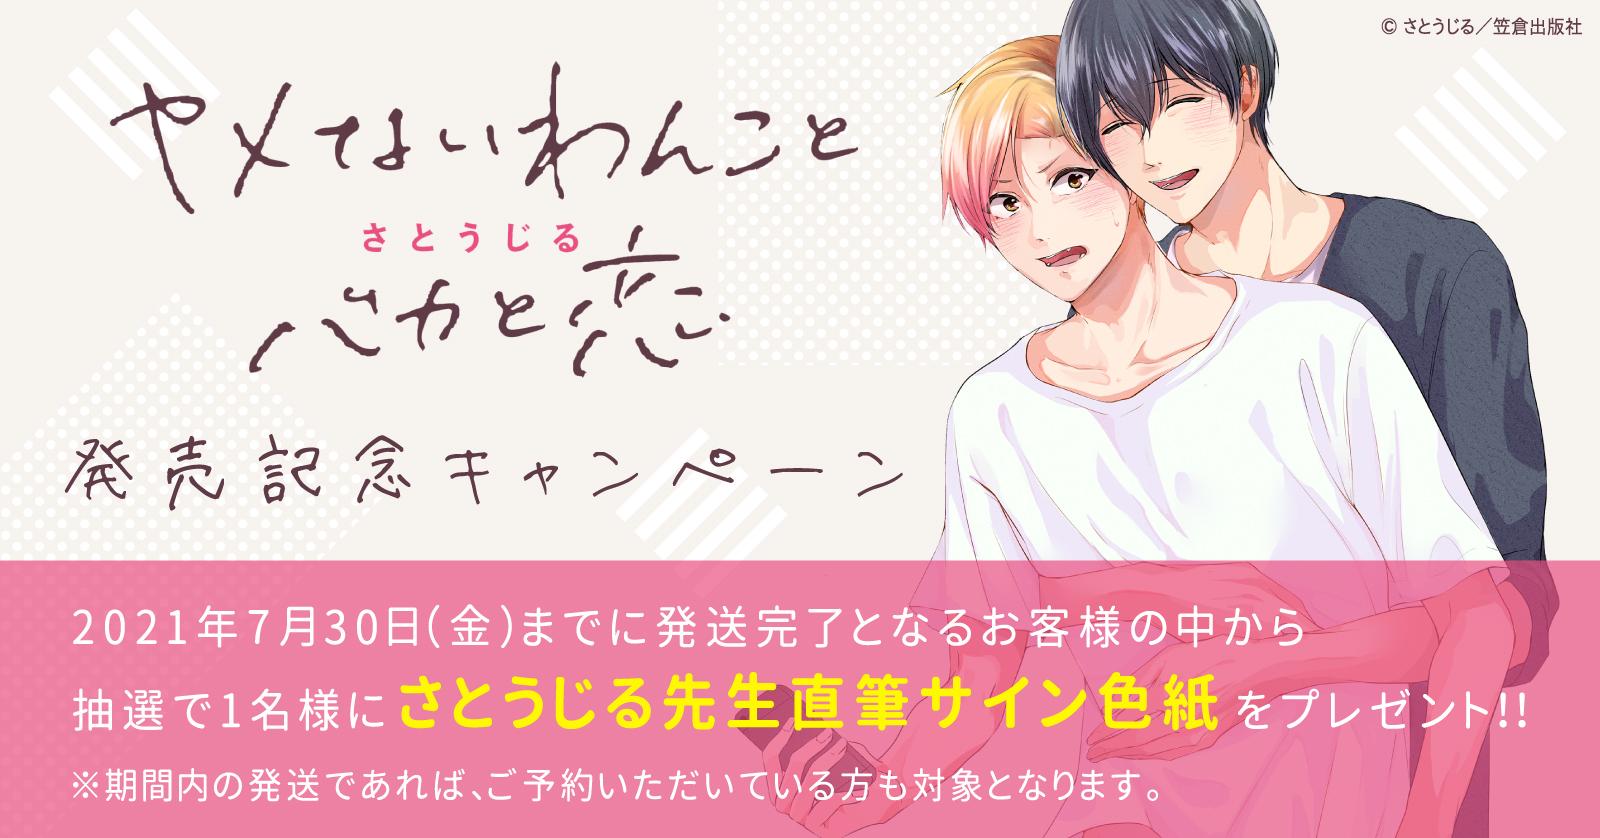 さとうじる先生『ヤメないわんことバカと恋』 発売記念キャンペーン